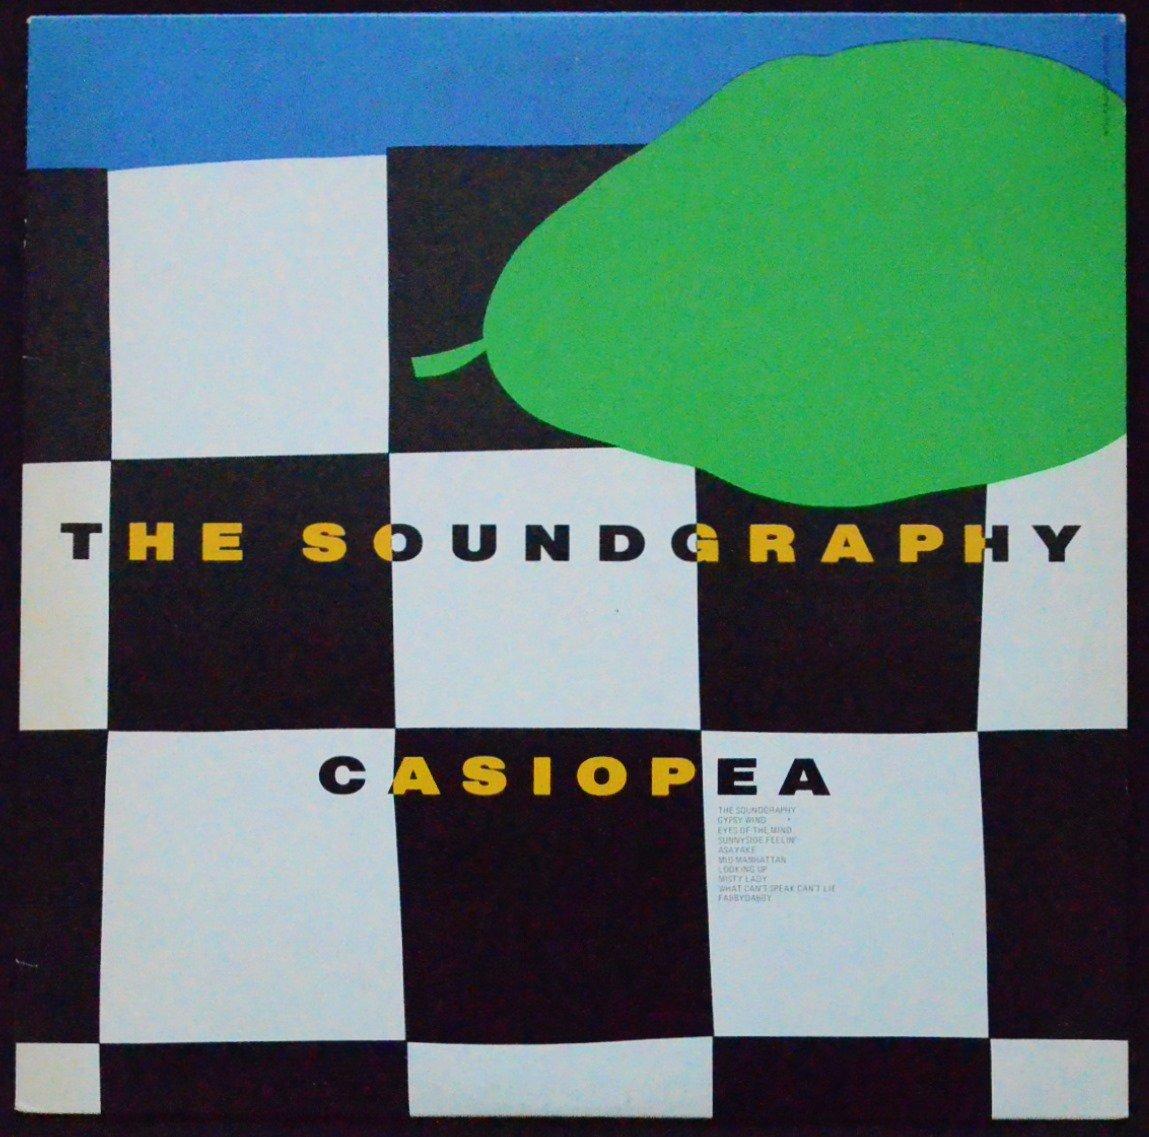 カシオペア CASIOPEA / ザ・サウンドグラフィー THE SOUNDGRAPHY (LP)